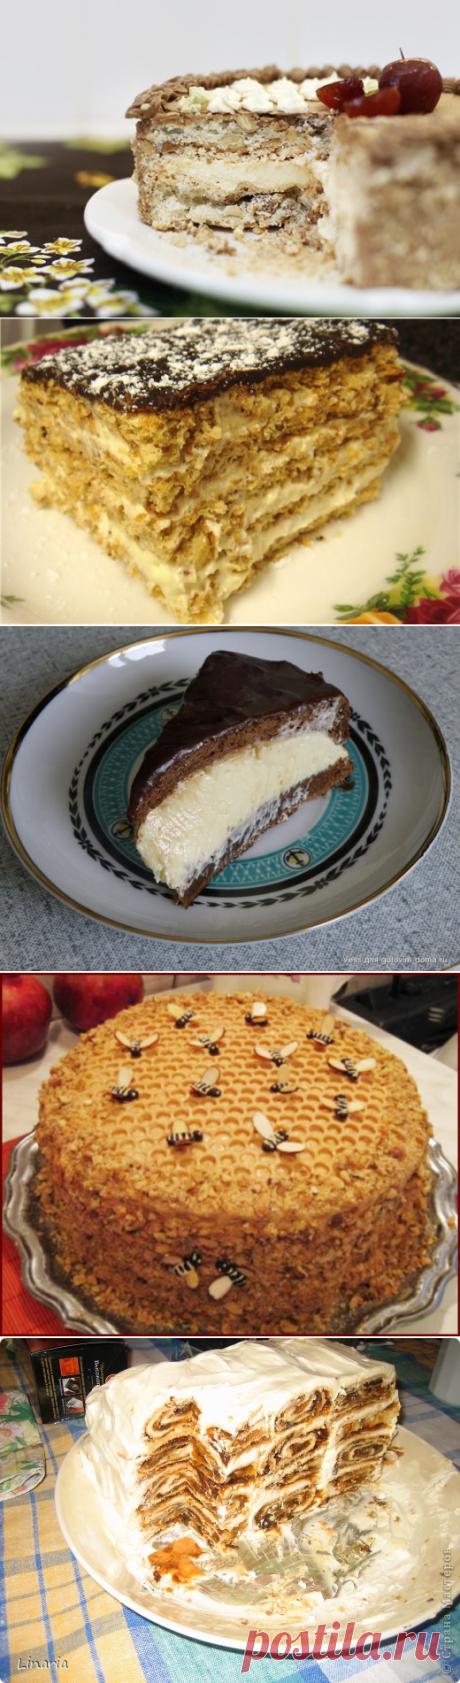 Почти два десятка вкуснейших тортов - выбирайте!